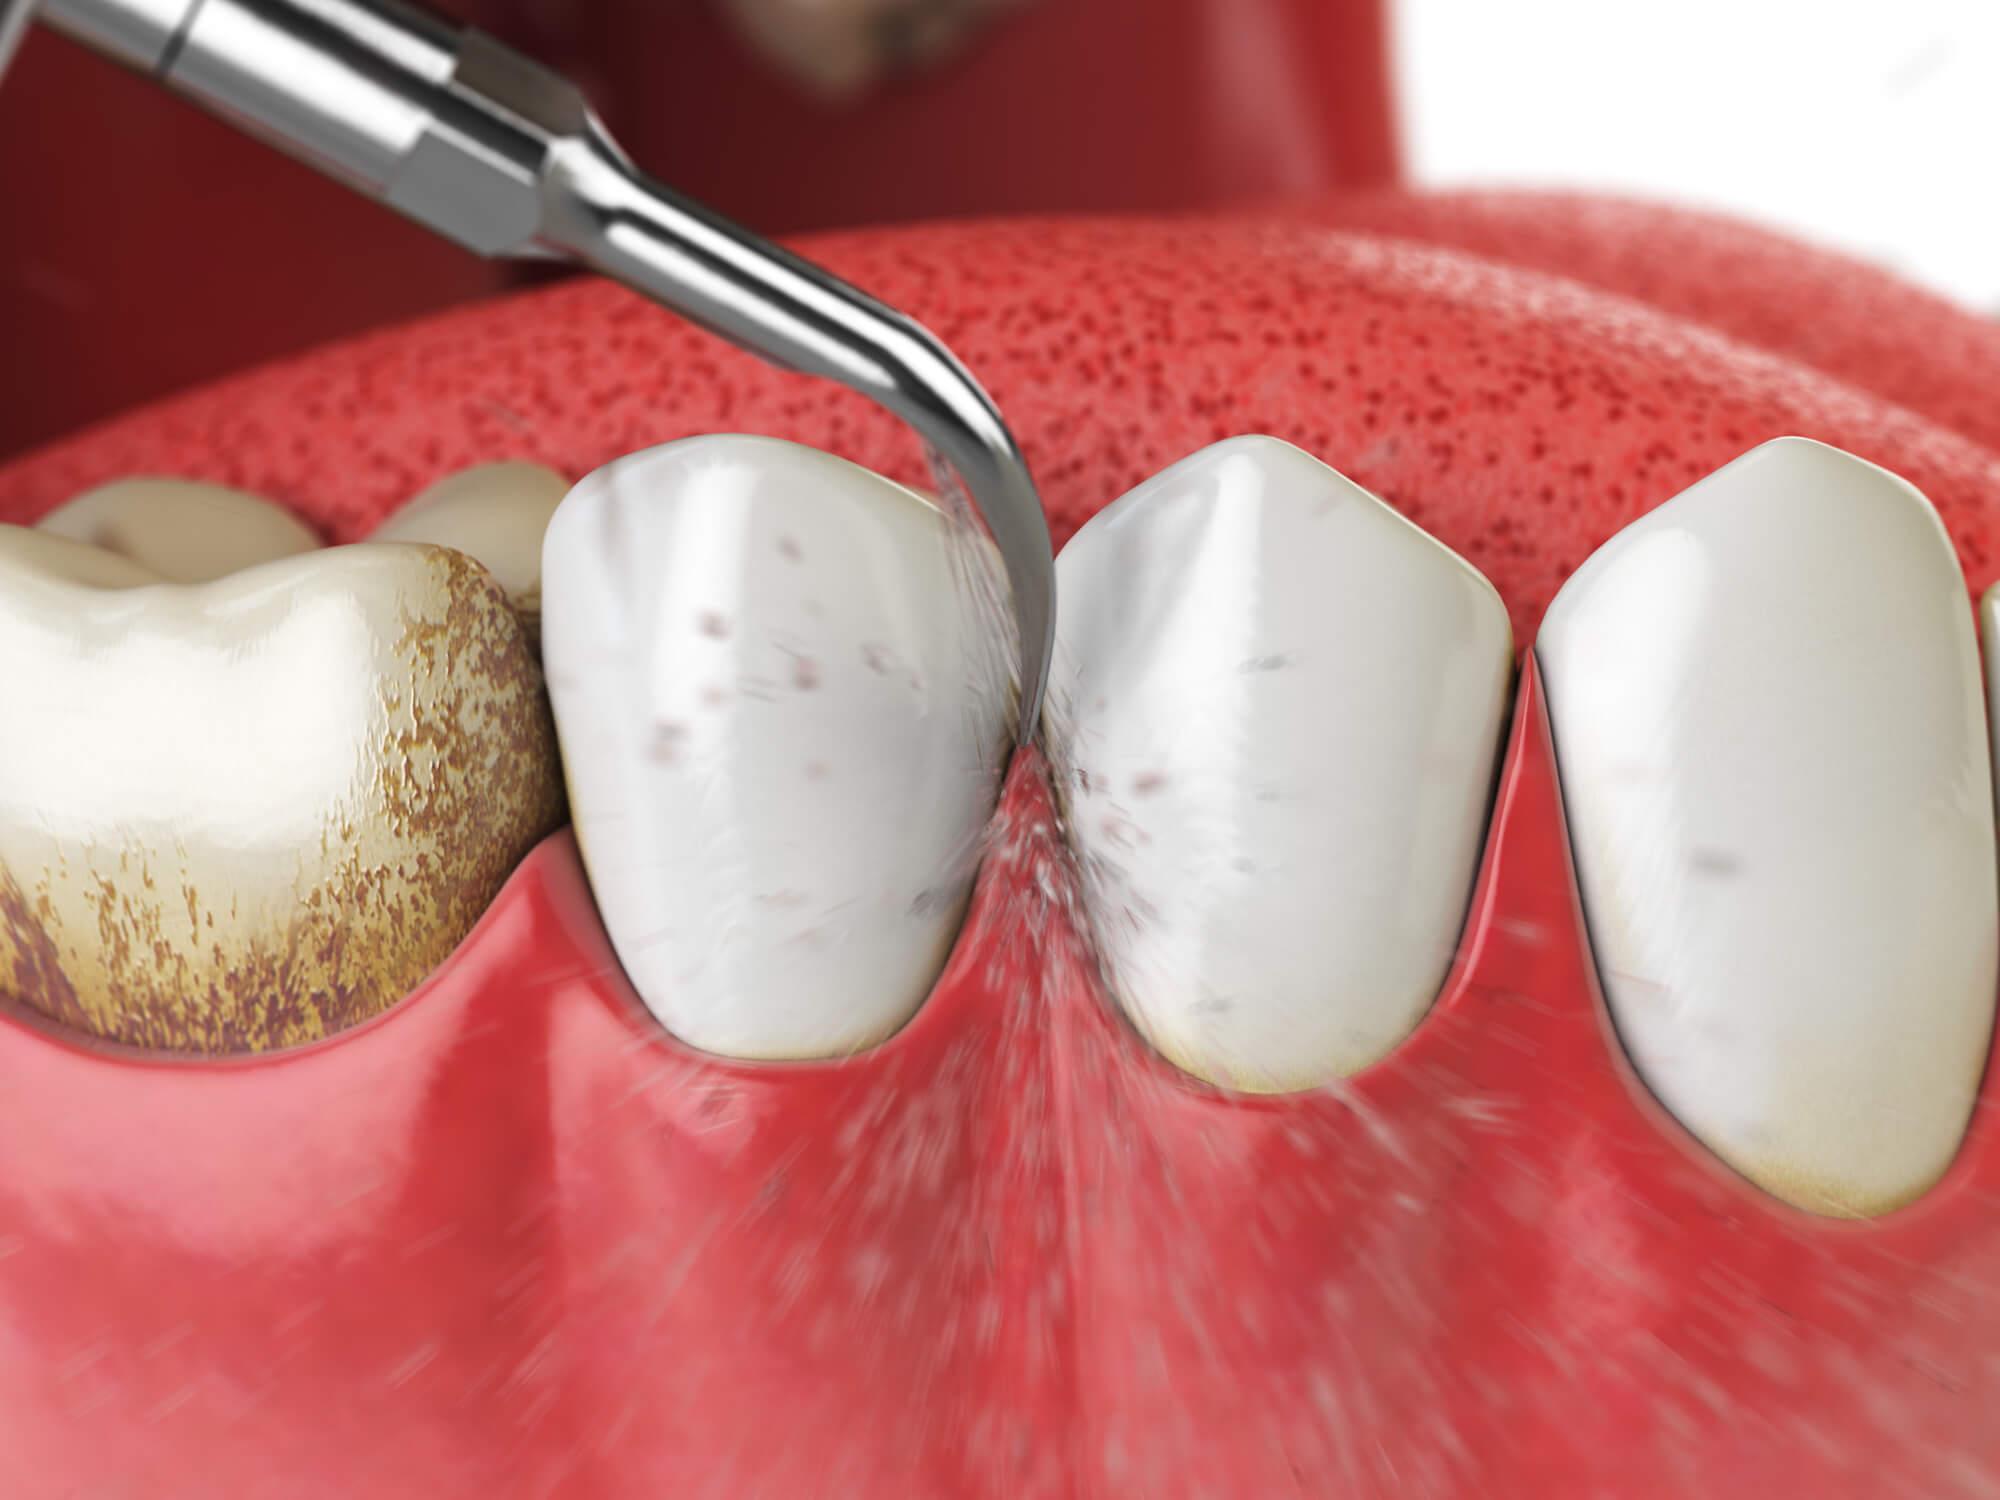 周 病 治療 歯